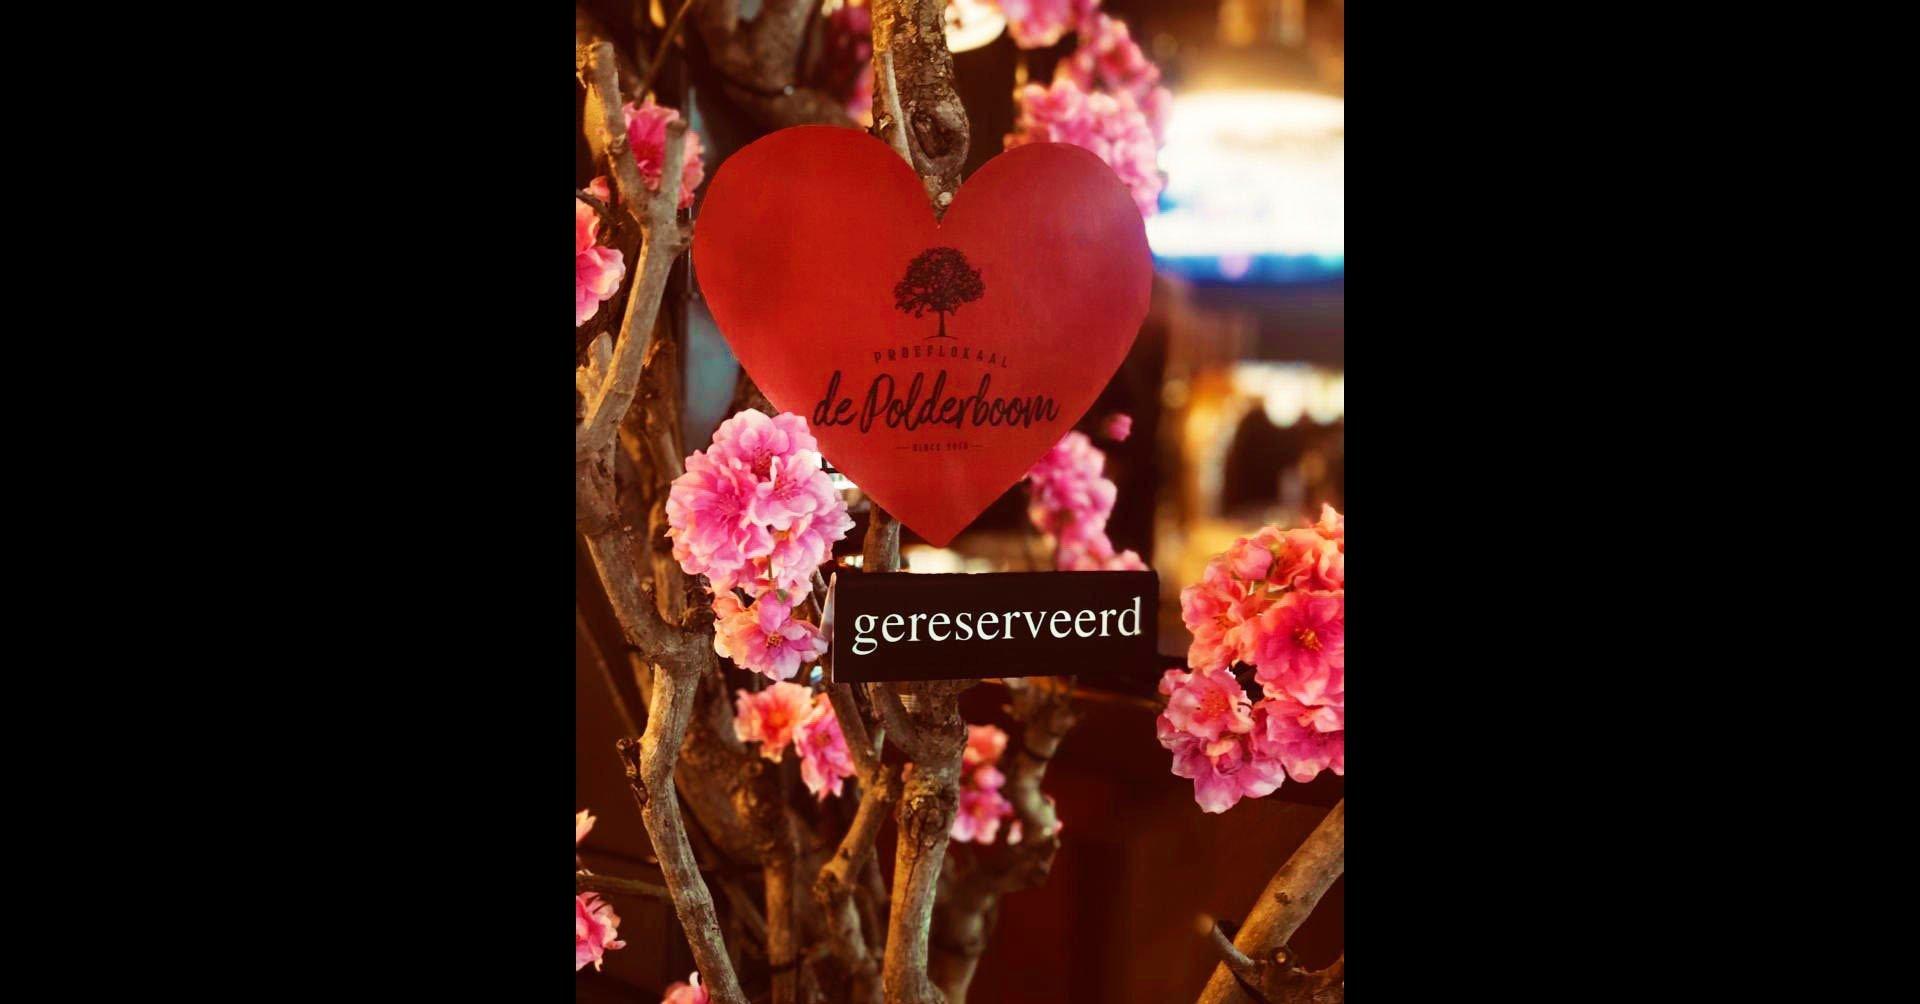 14-02-2019 Valentijn Bij De Polderboom